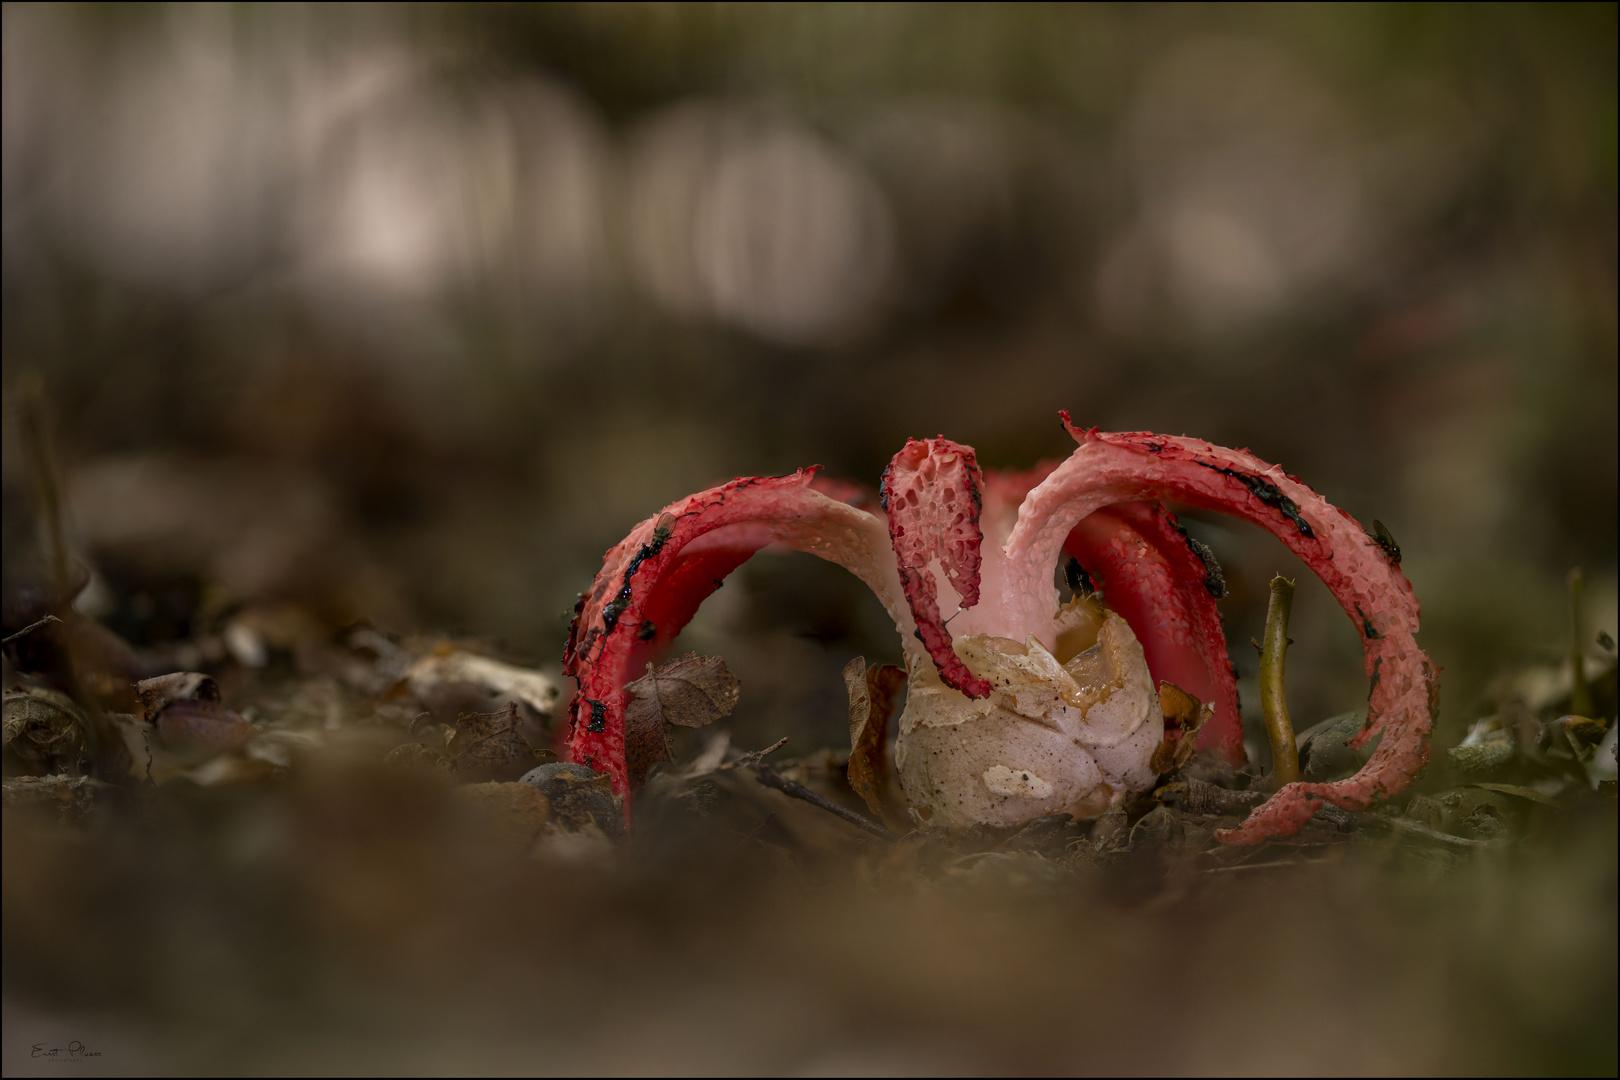 Tintenfischpilz (Clathrus archeri)